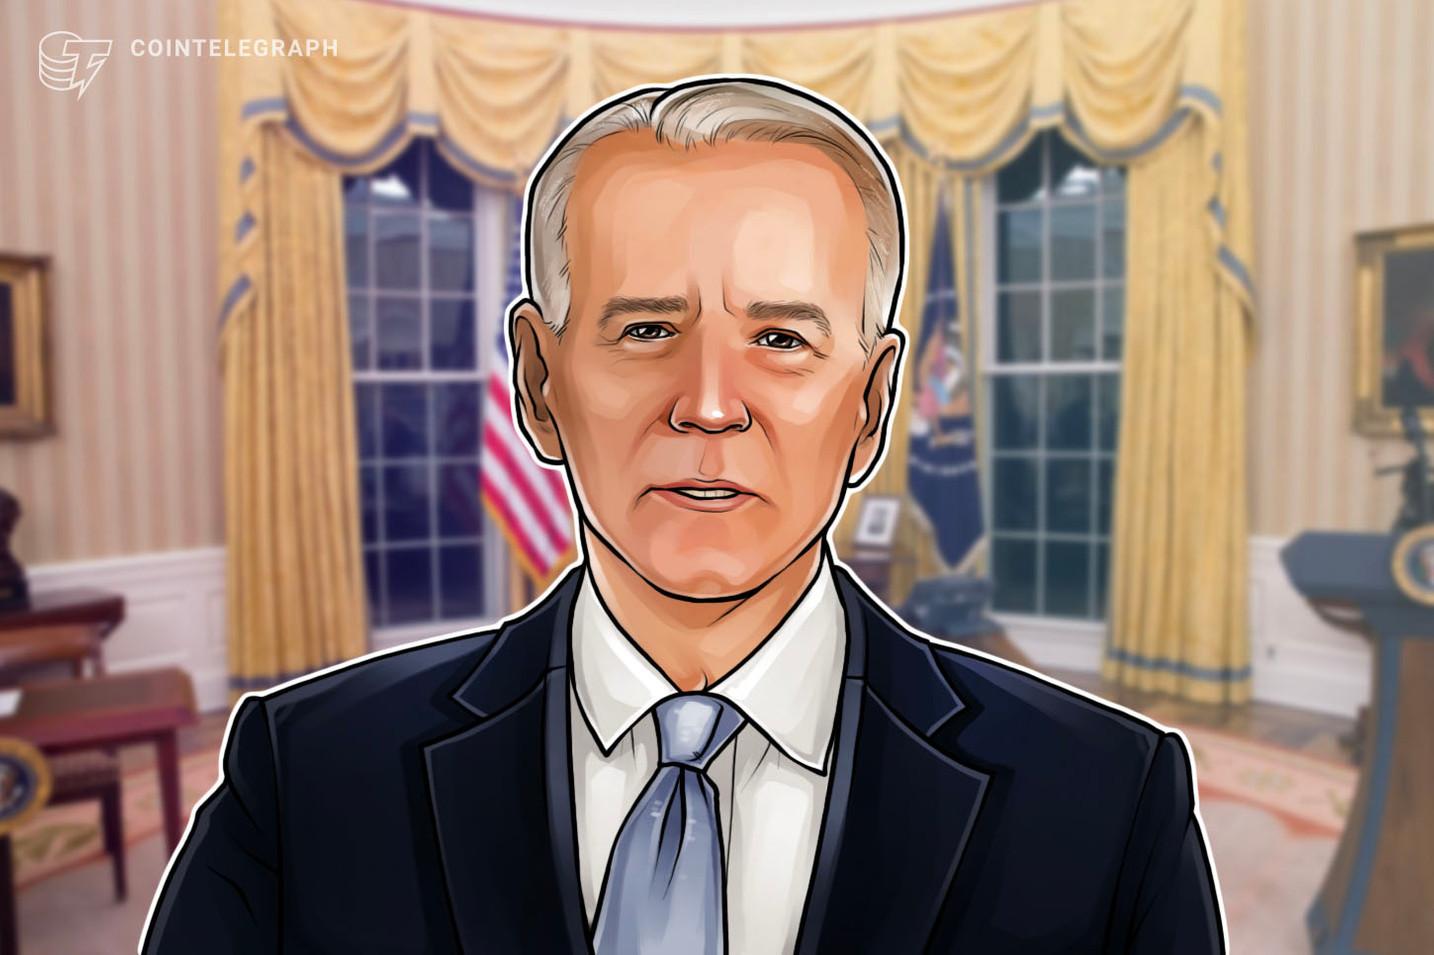 La era de Biden: ¿Cómo invertir?